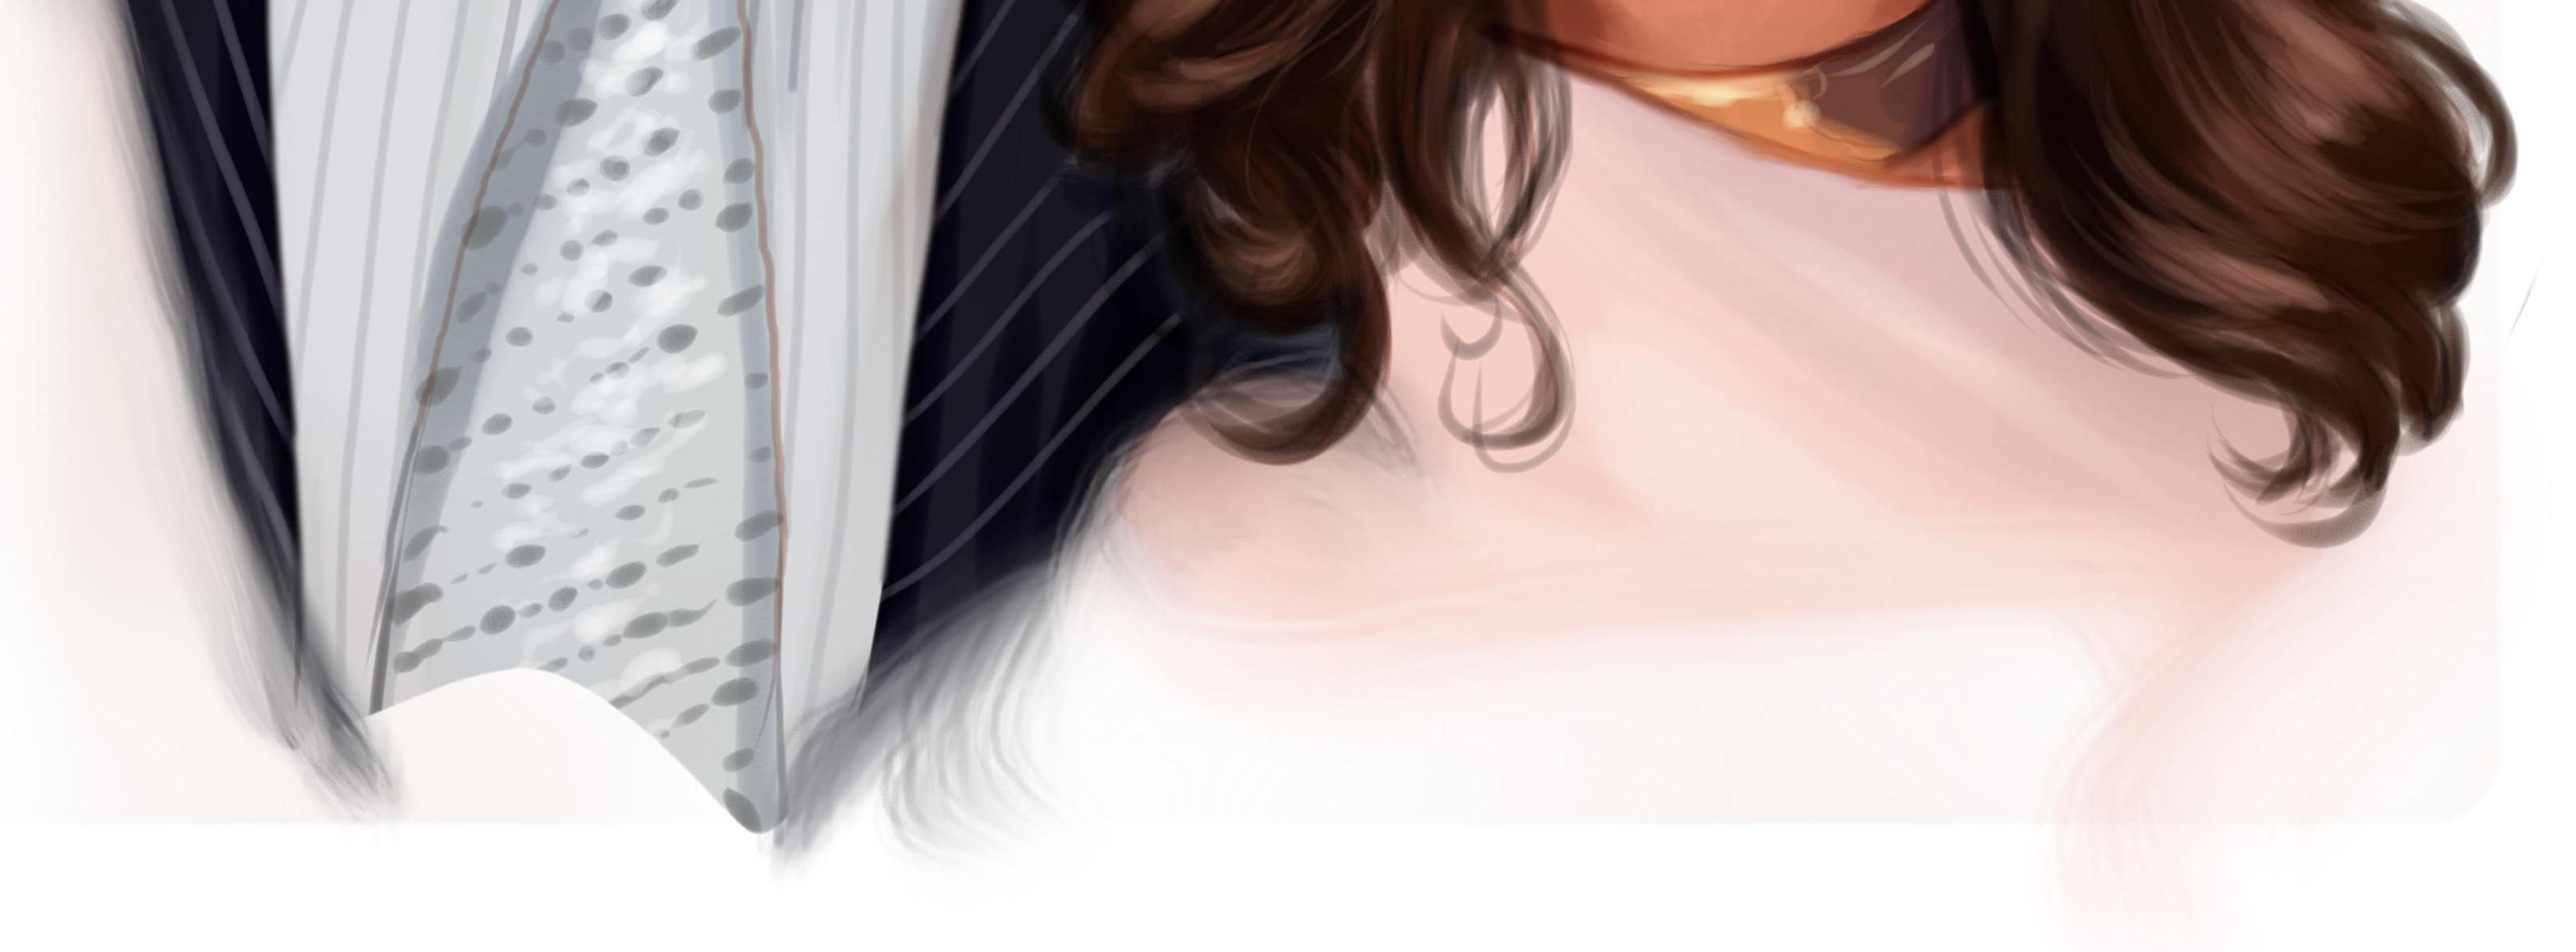 заказать портрет на холсте на годовщину свадьбы